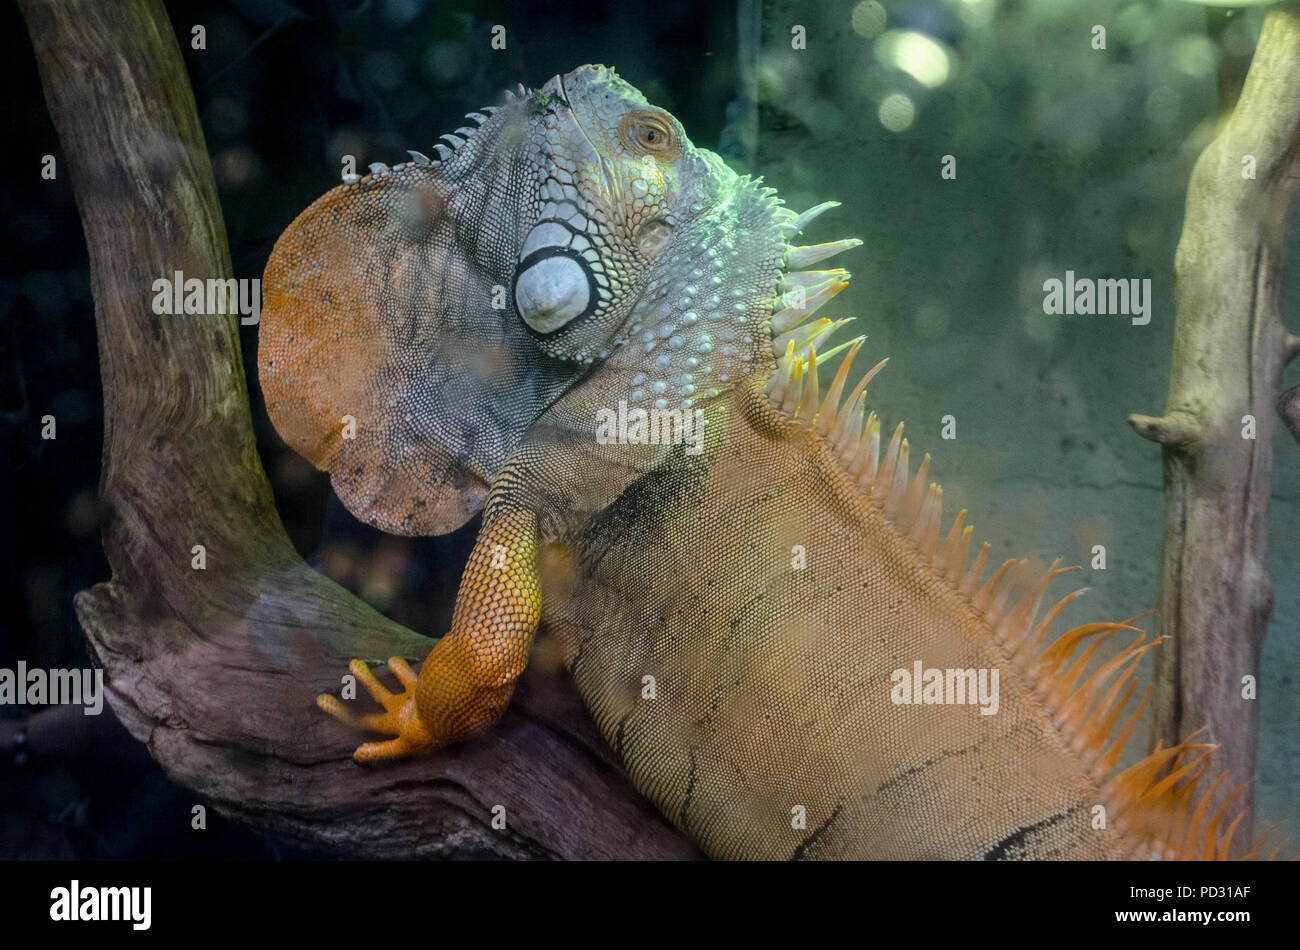 Iguana - Stock Image